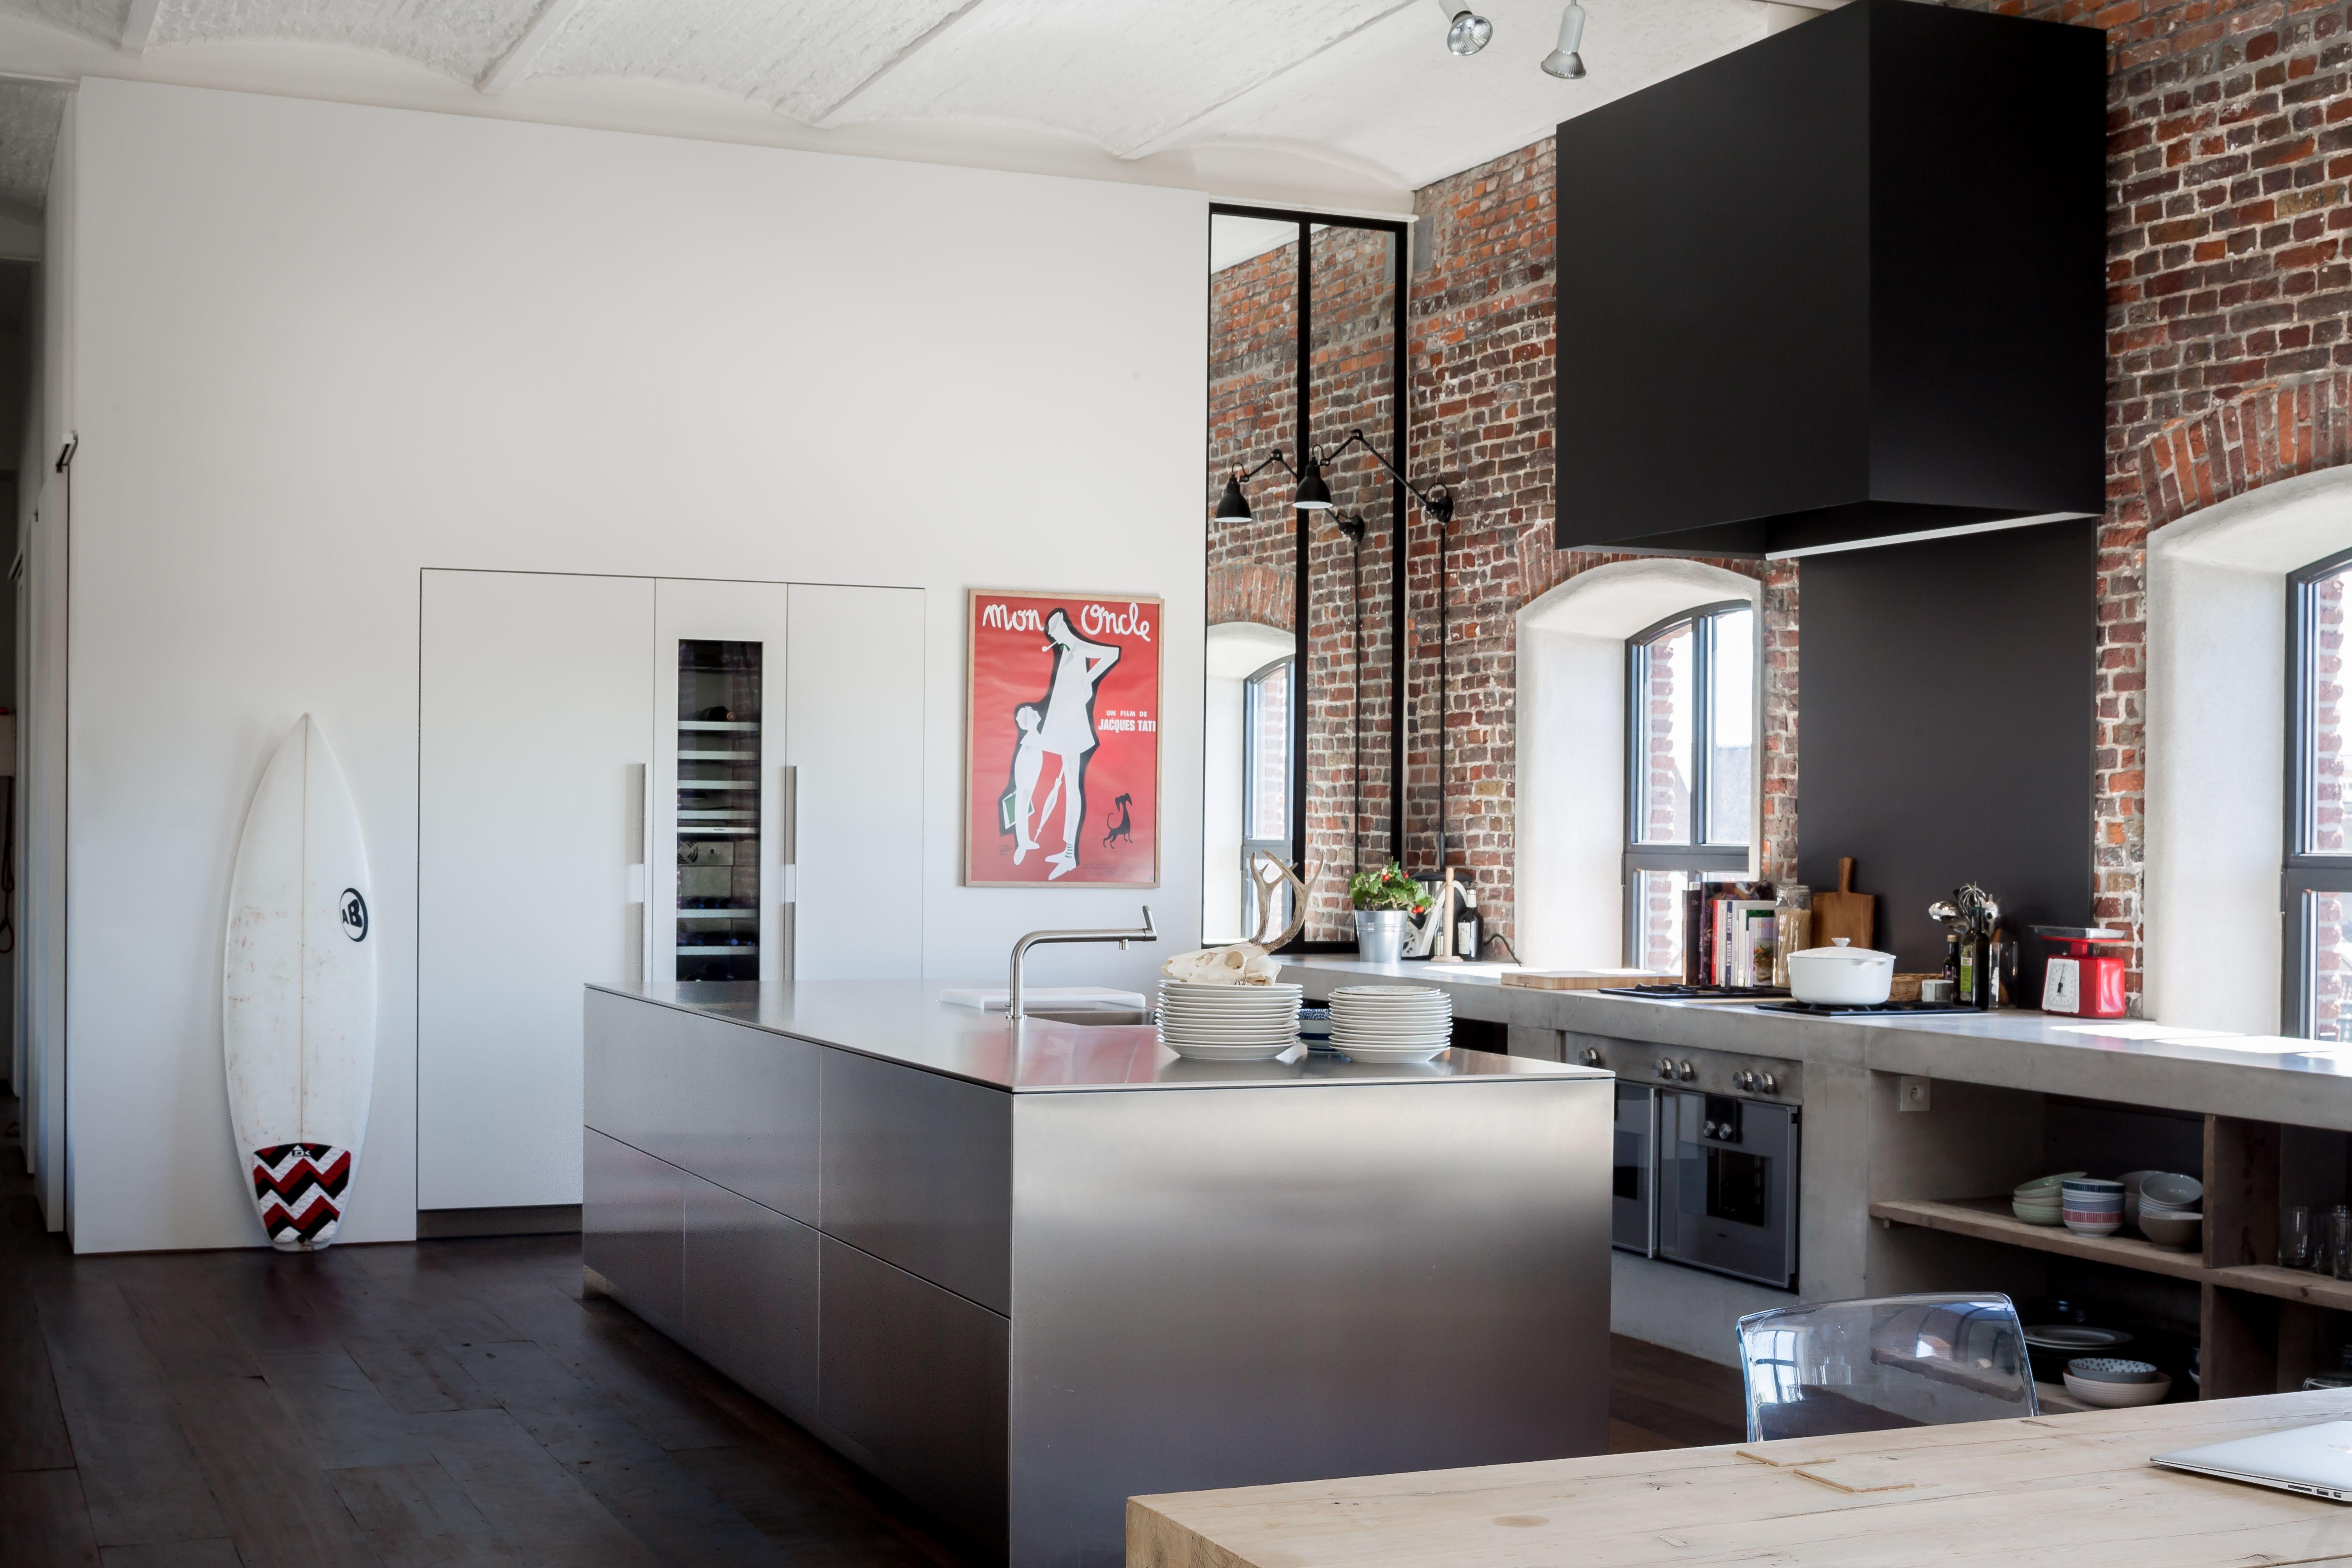 B keukeneiland in inox en wandmeubel in witte laminaat loft by k